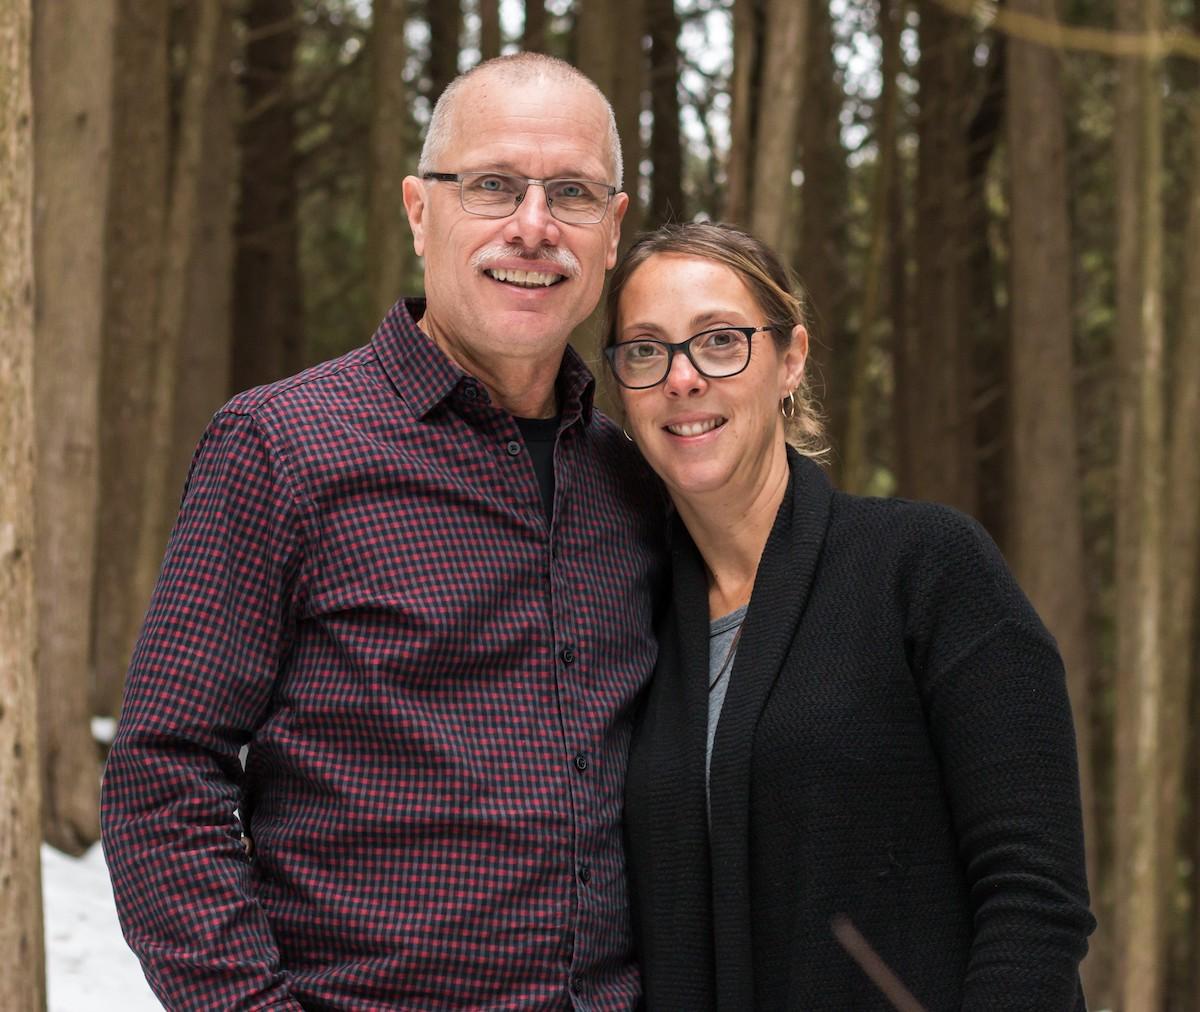 Garry and Cynthia, Ethnos Canada missionaries